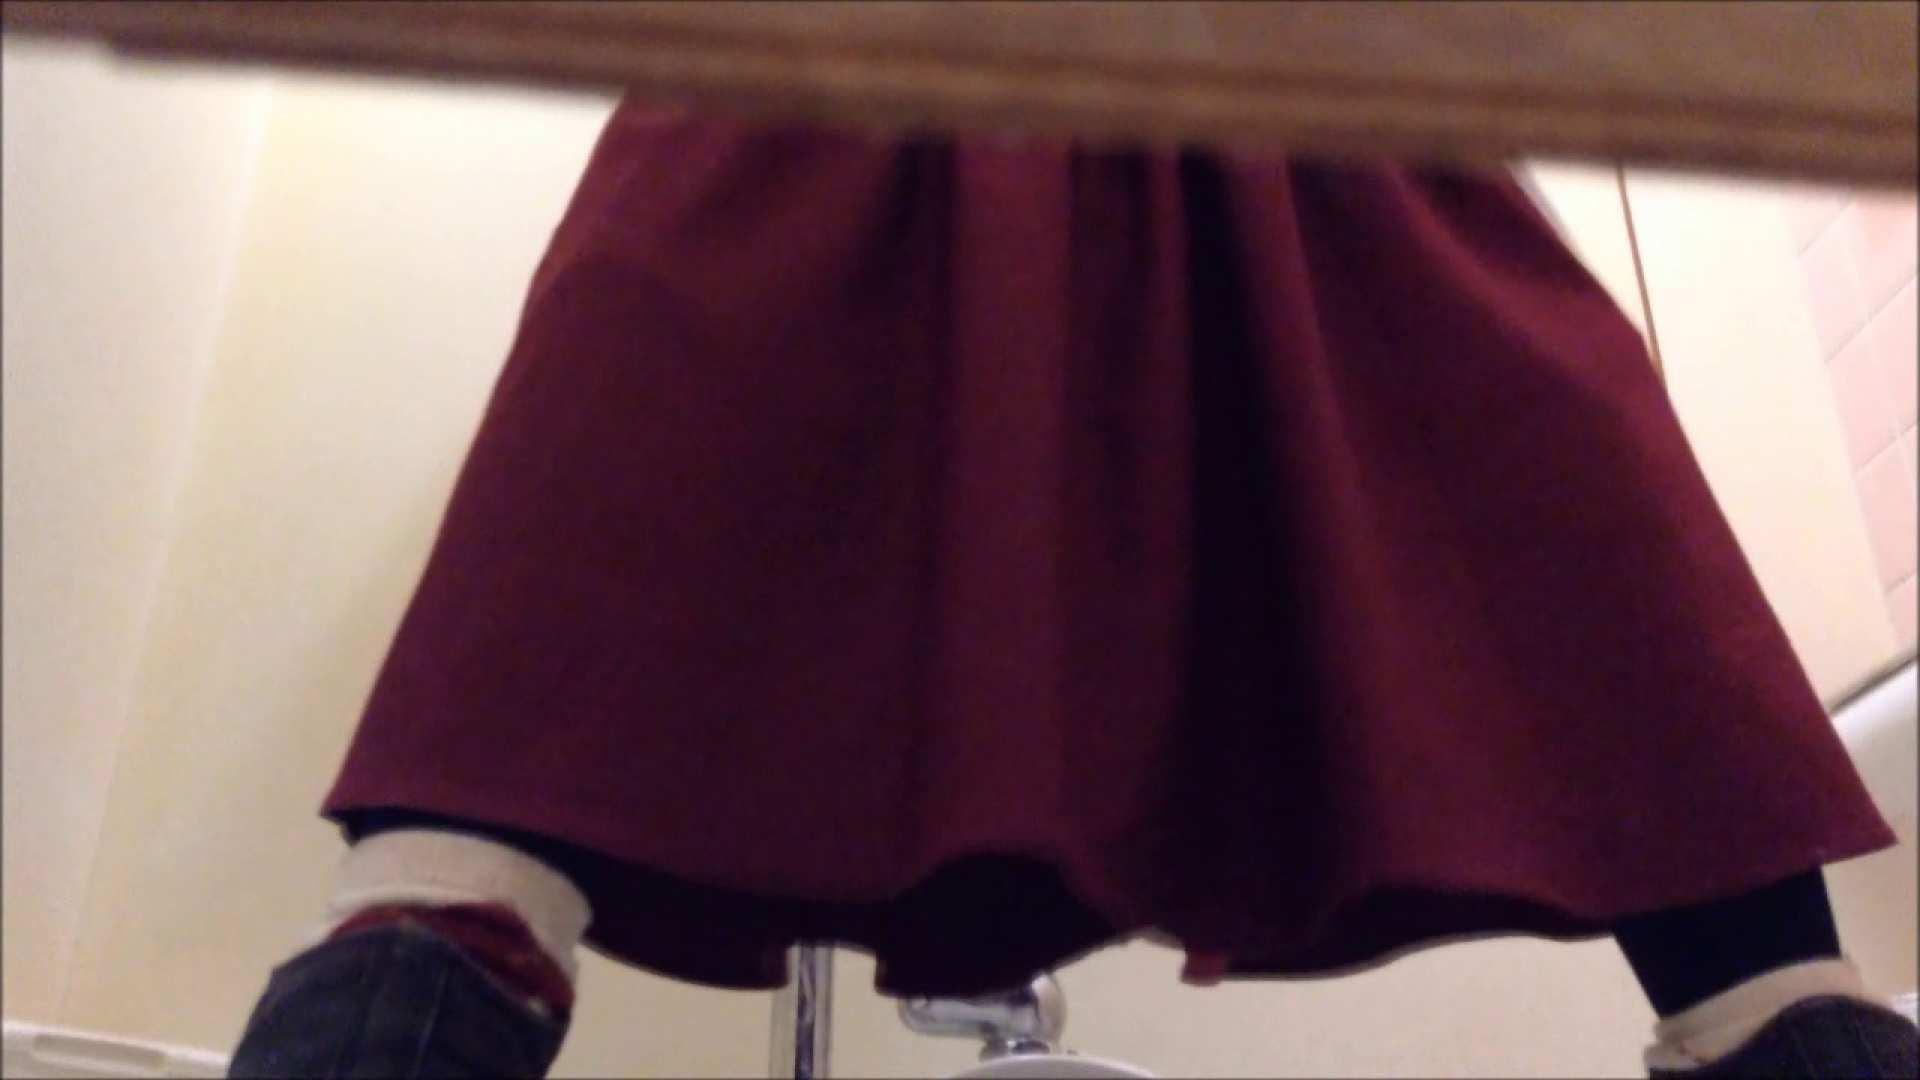 某有名大学女性洗面所 vol.12 ギャルズ オマンコ動画キャプチャ 96画像 74